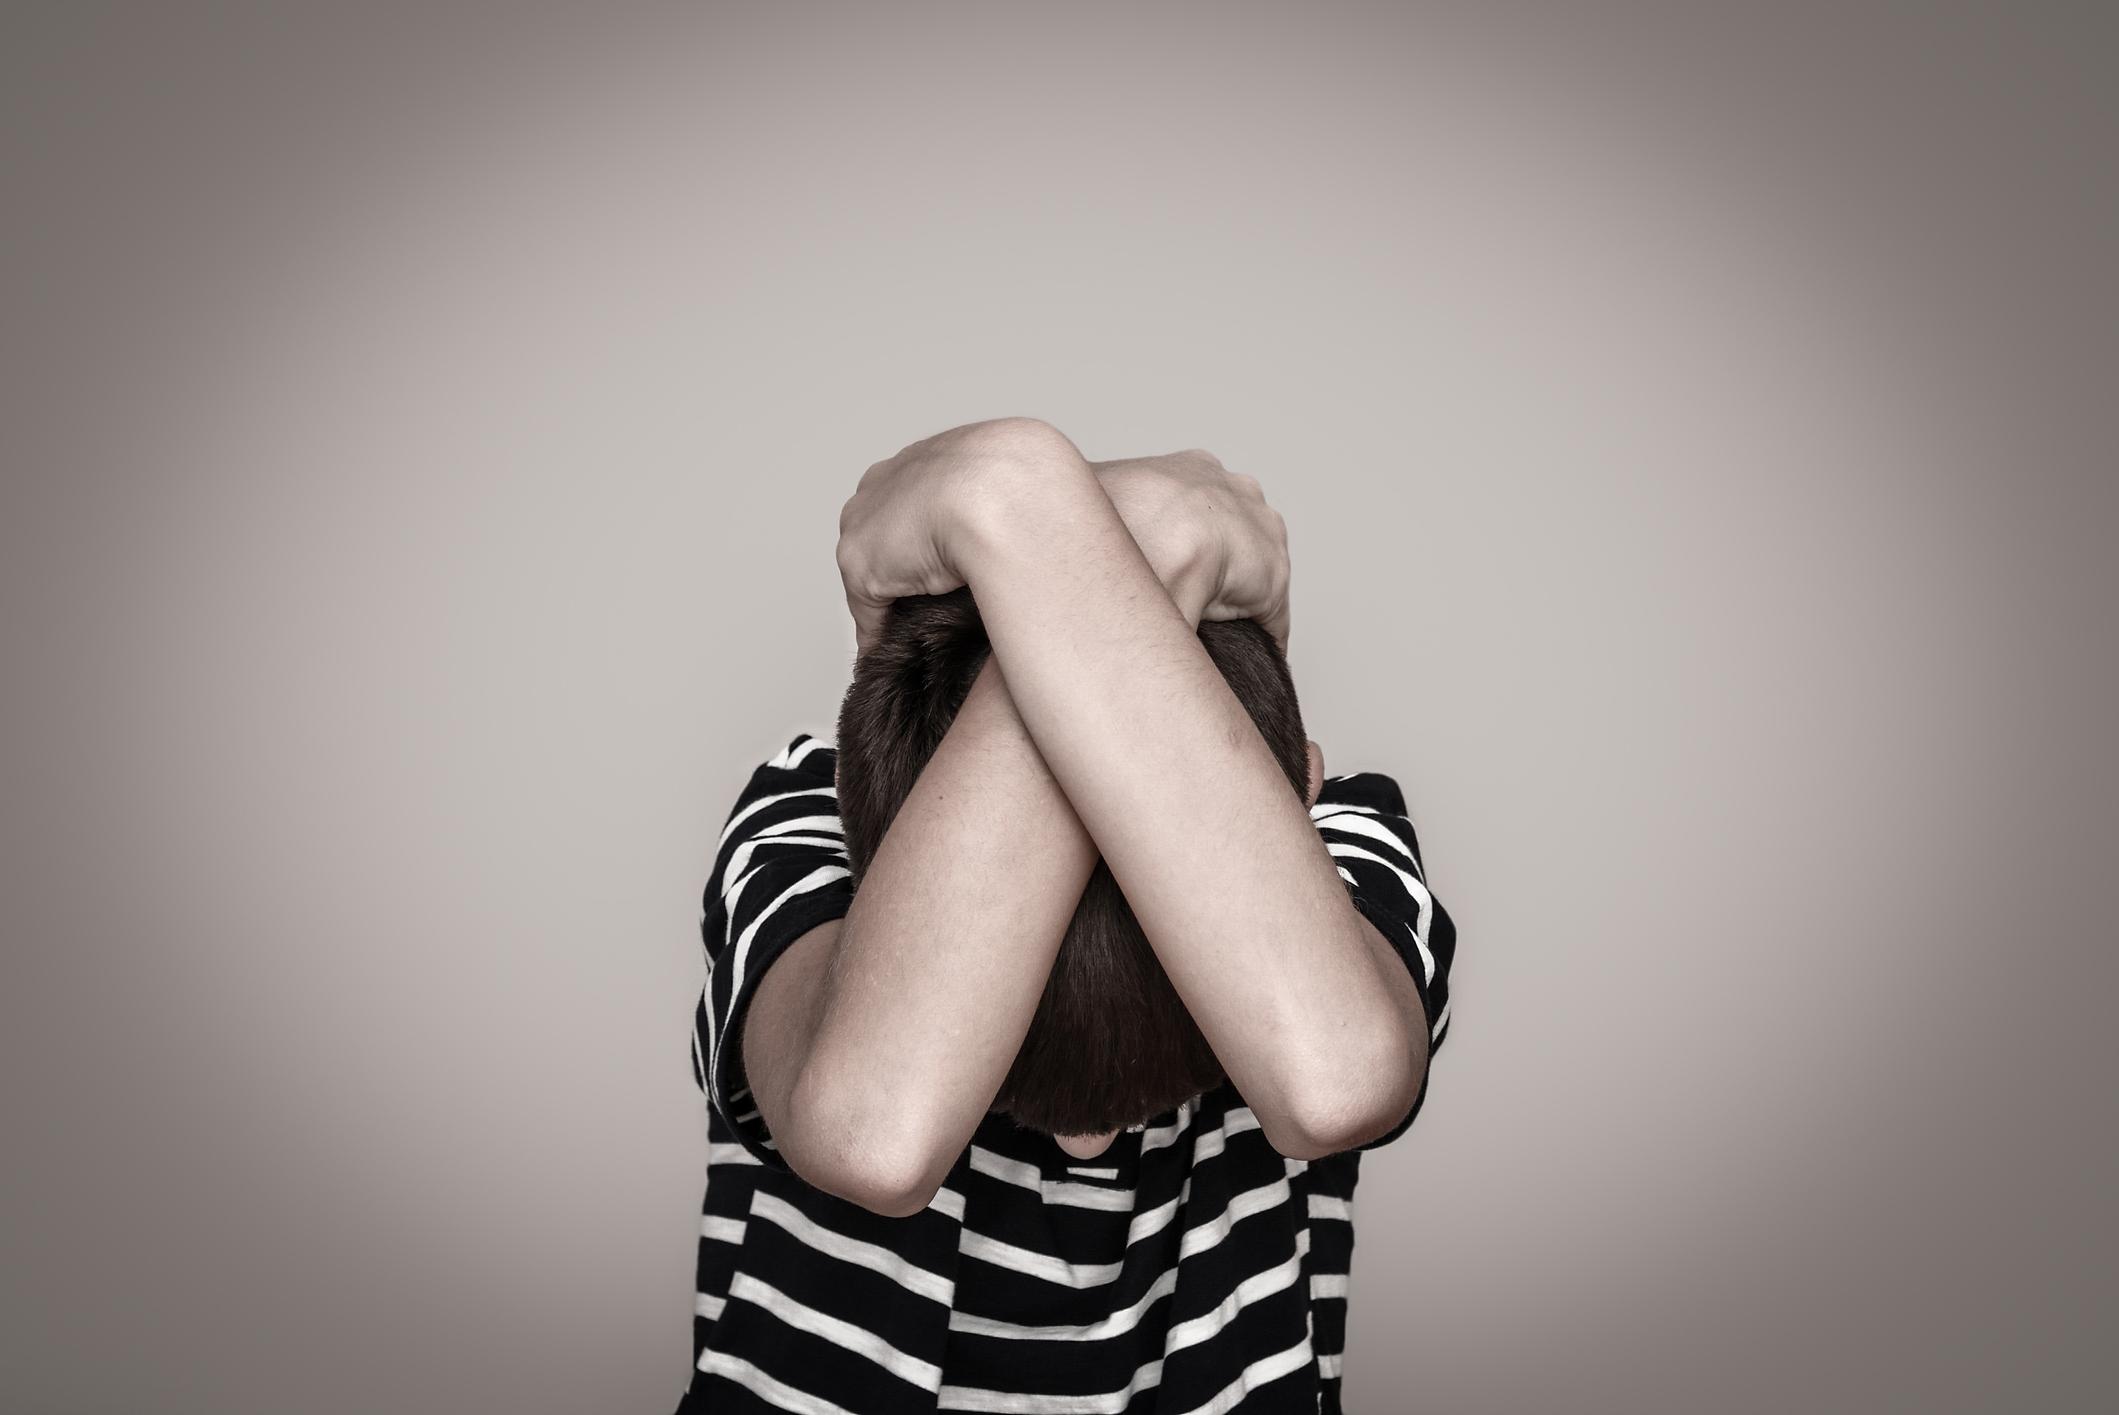 Photo of תושב נשר בן 40 נעצר בחשד לעבירות פדופיליה: ניסה לבצע עבירות מין בילדים שהכיר ברשת